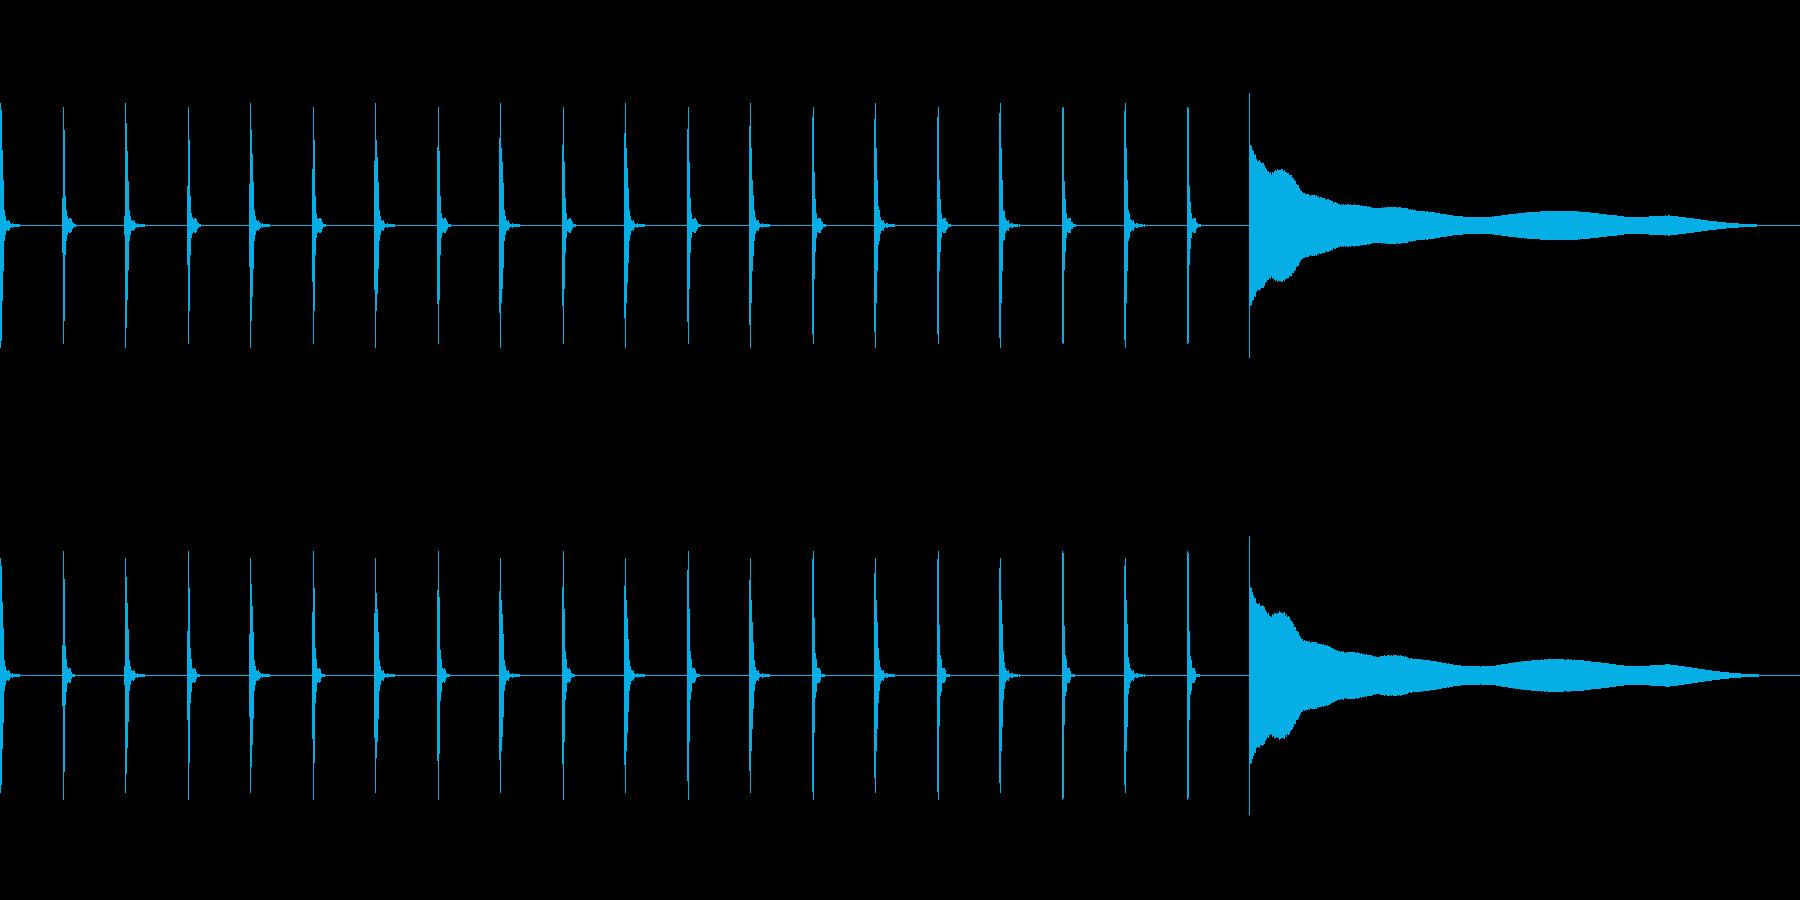 【効果音】シンキングタイム1の再生済みの波形